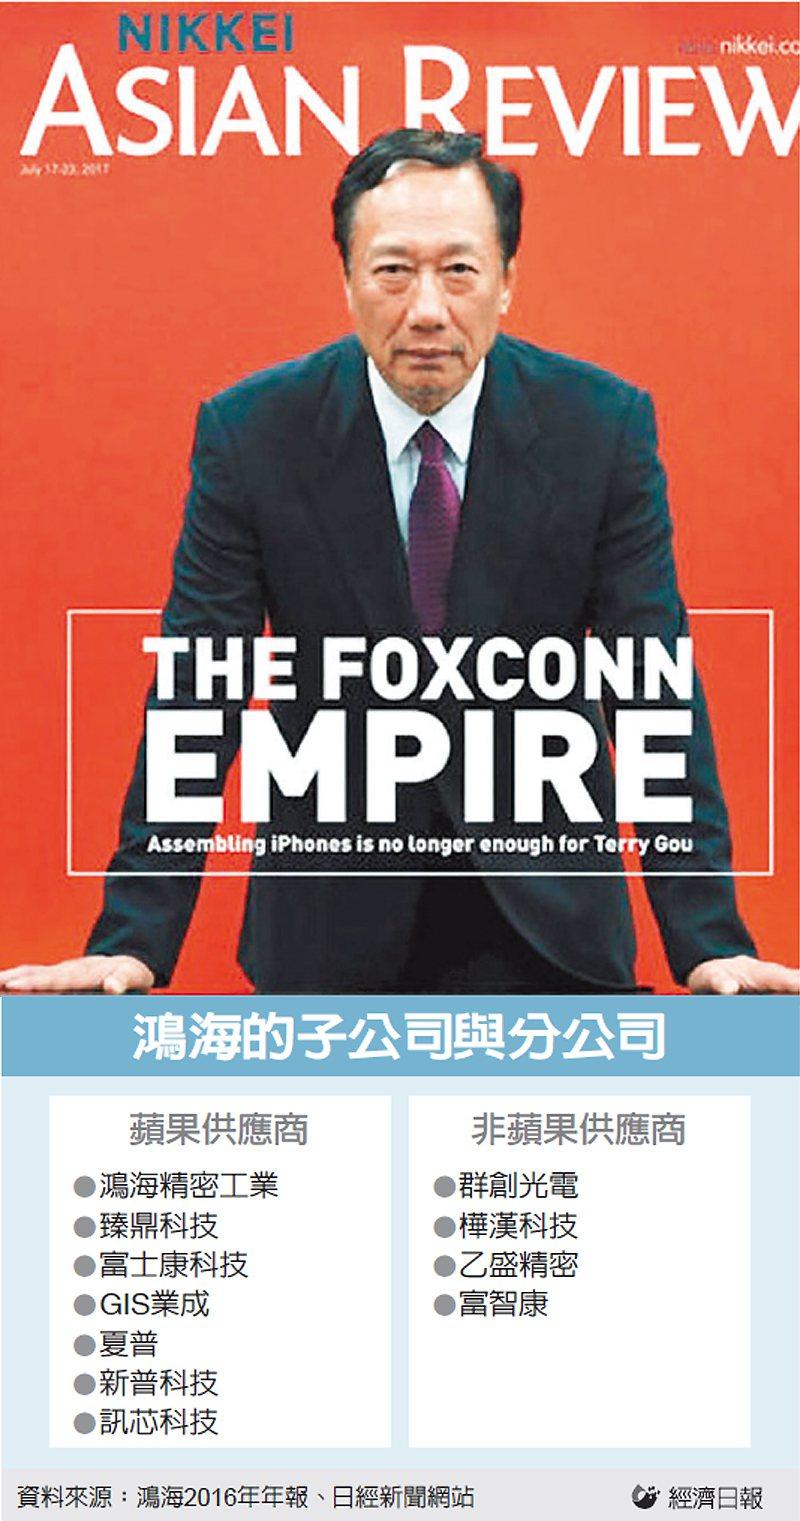 鴻海的子公司與分公司 圖/經濟日報提供